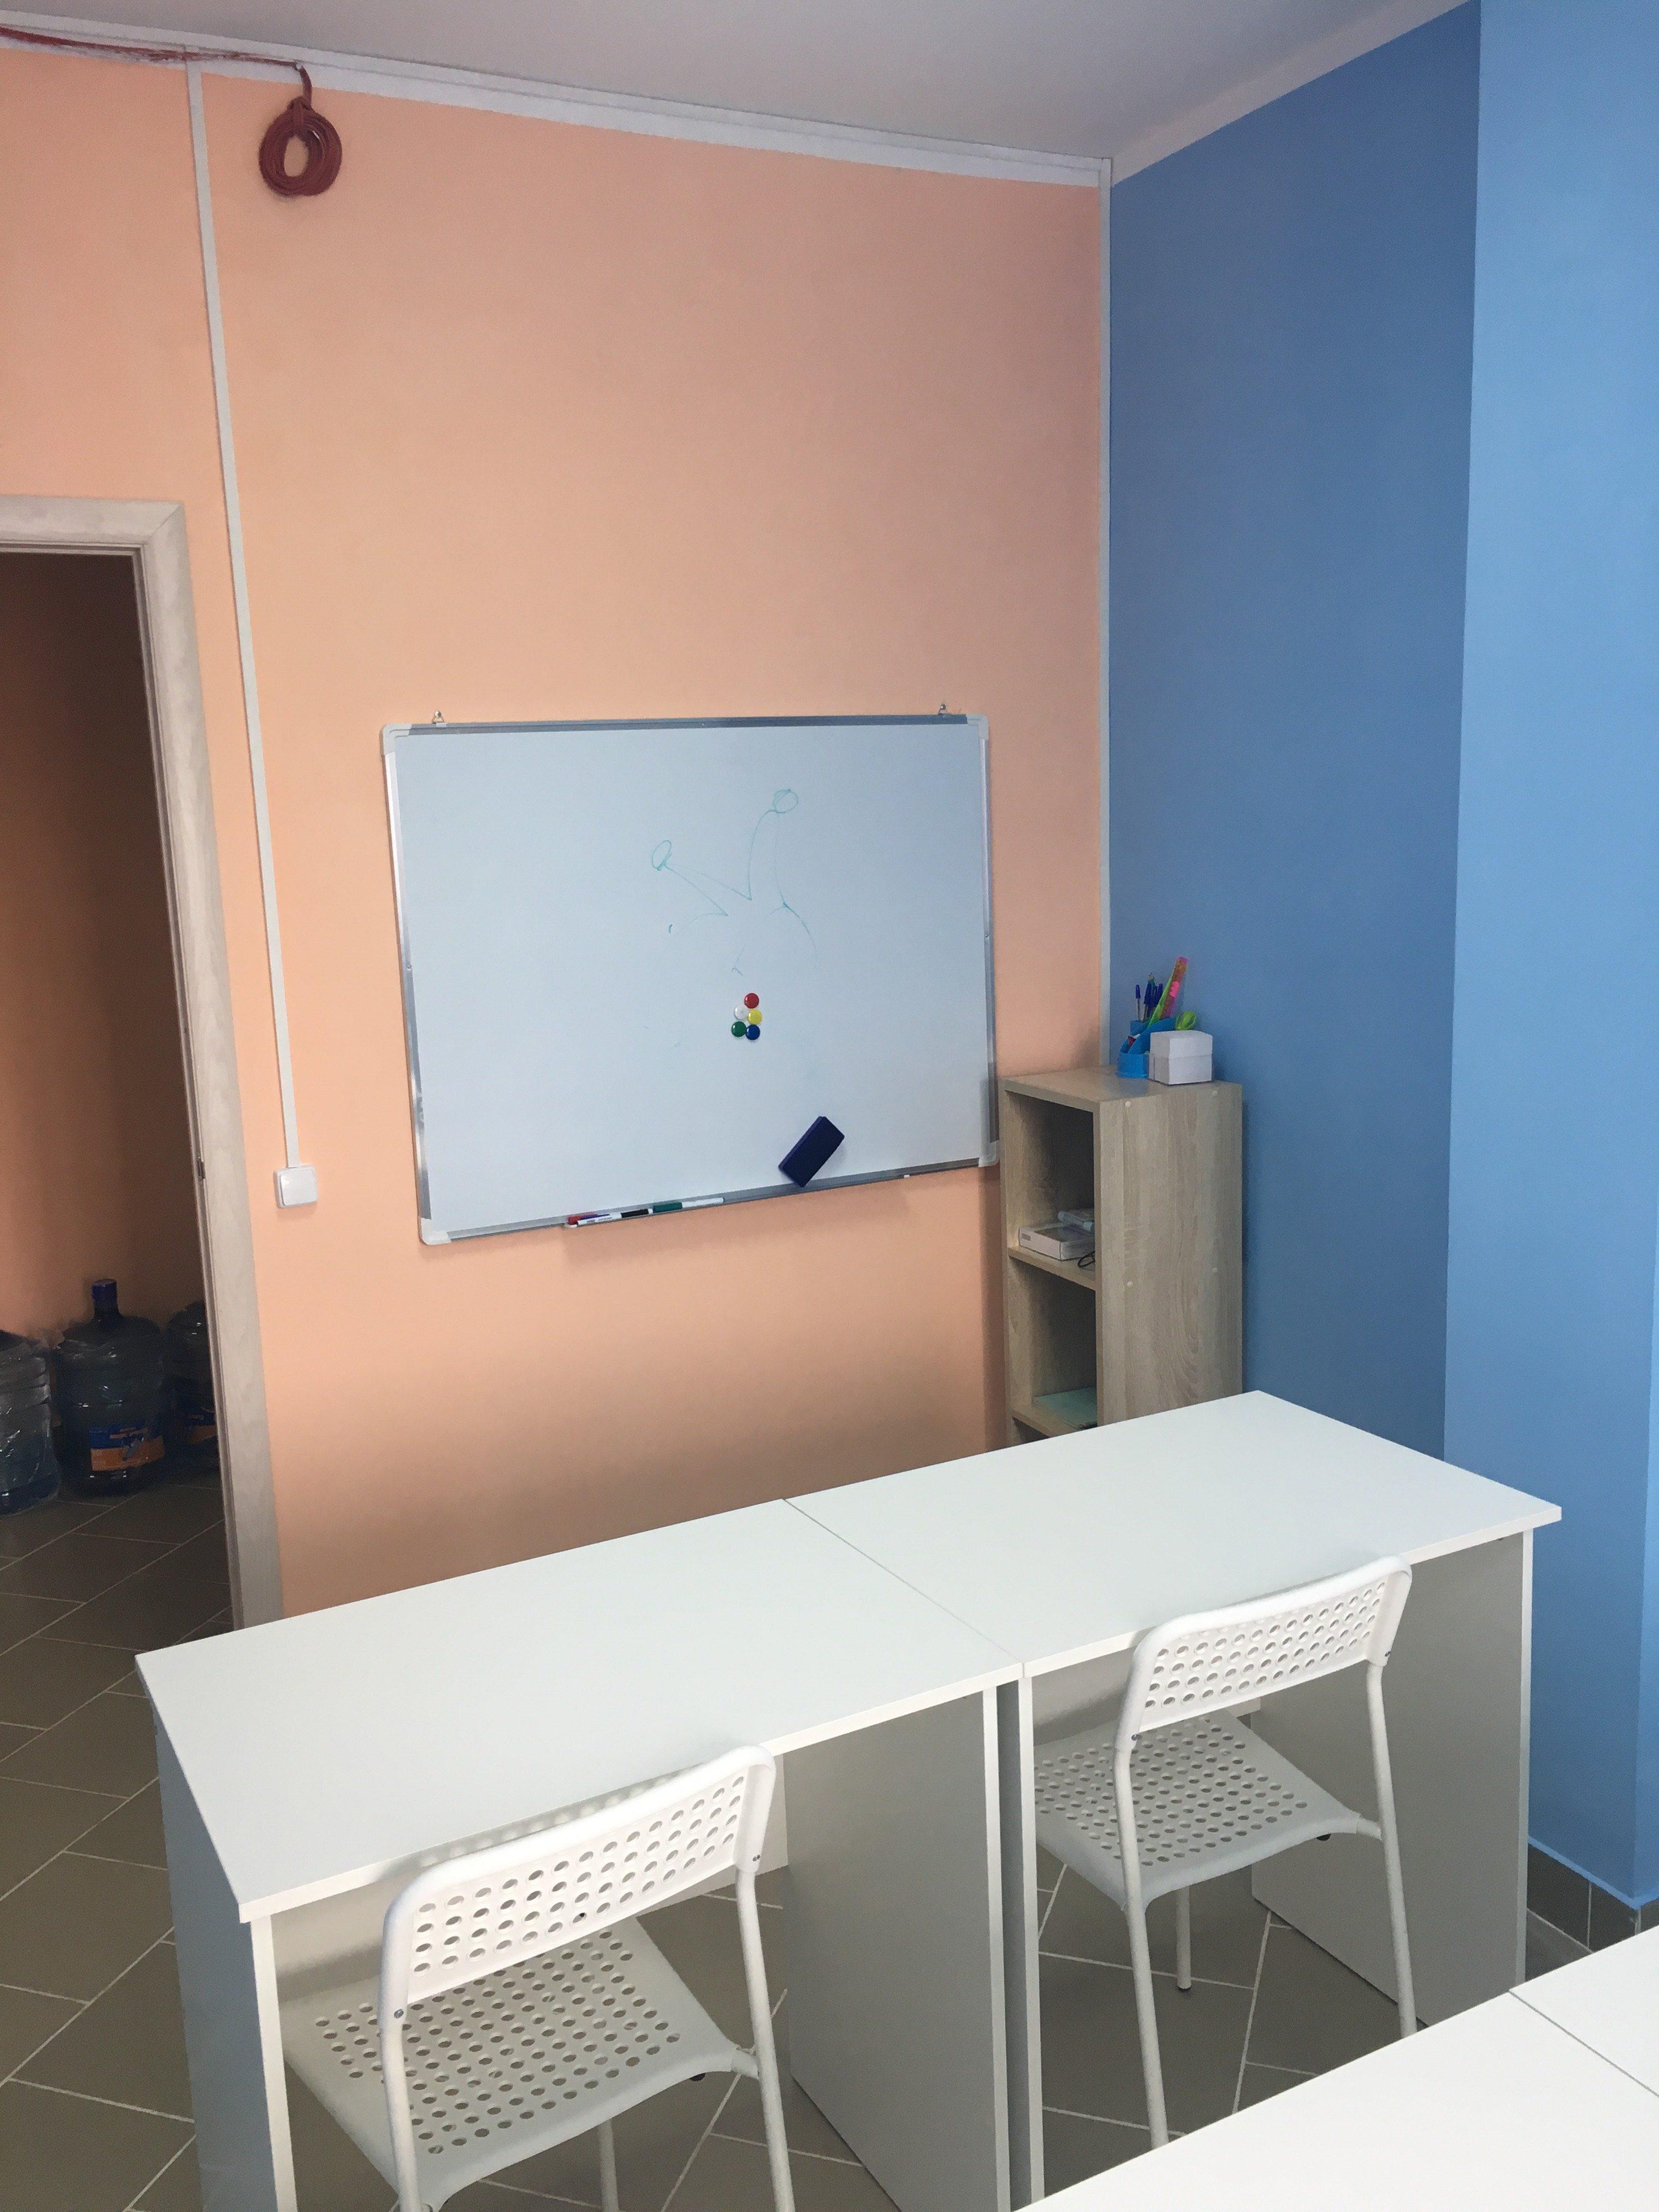 Schoolford школа скорочтения в Санкт-Петербурге